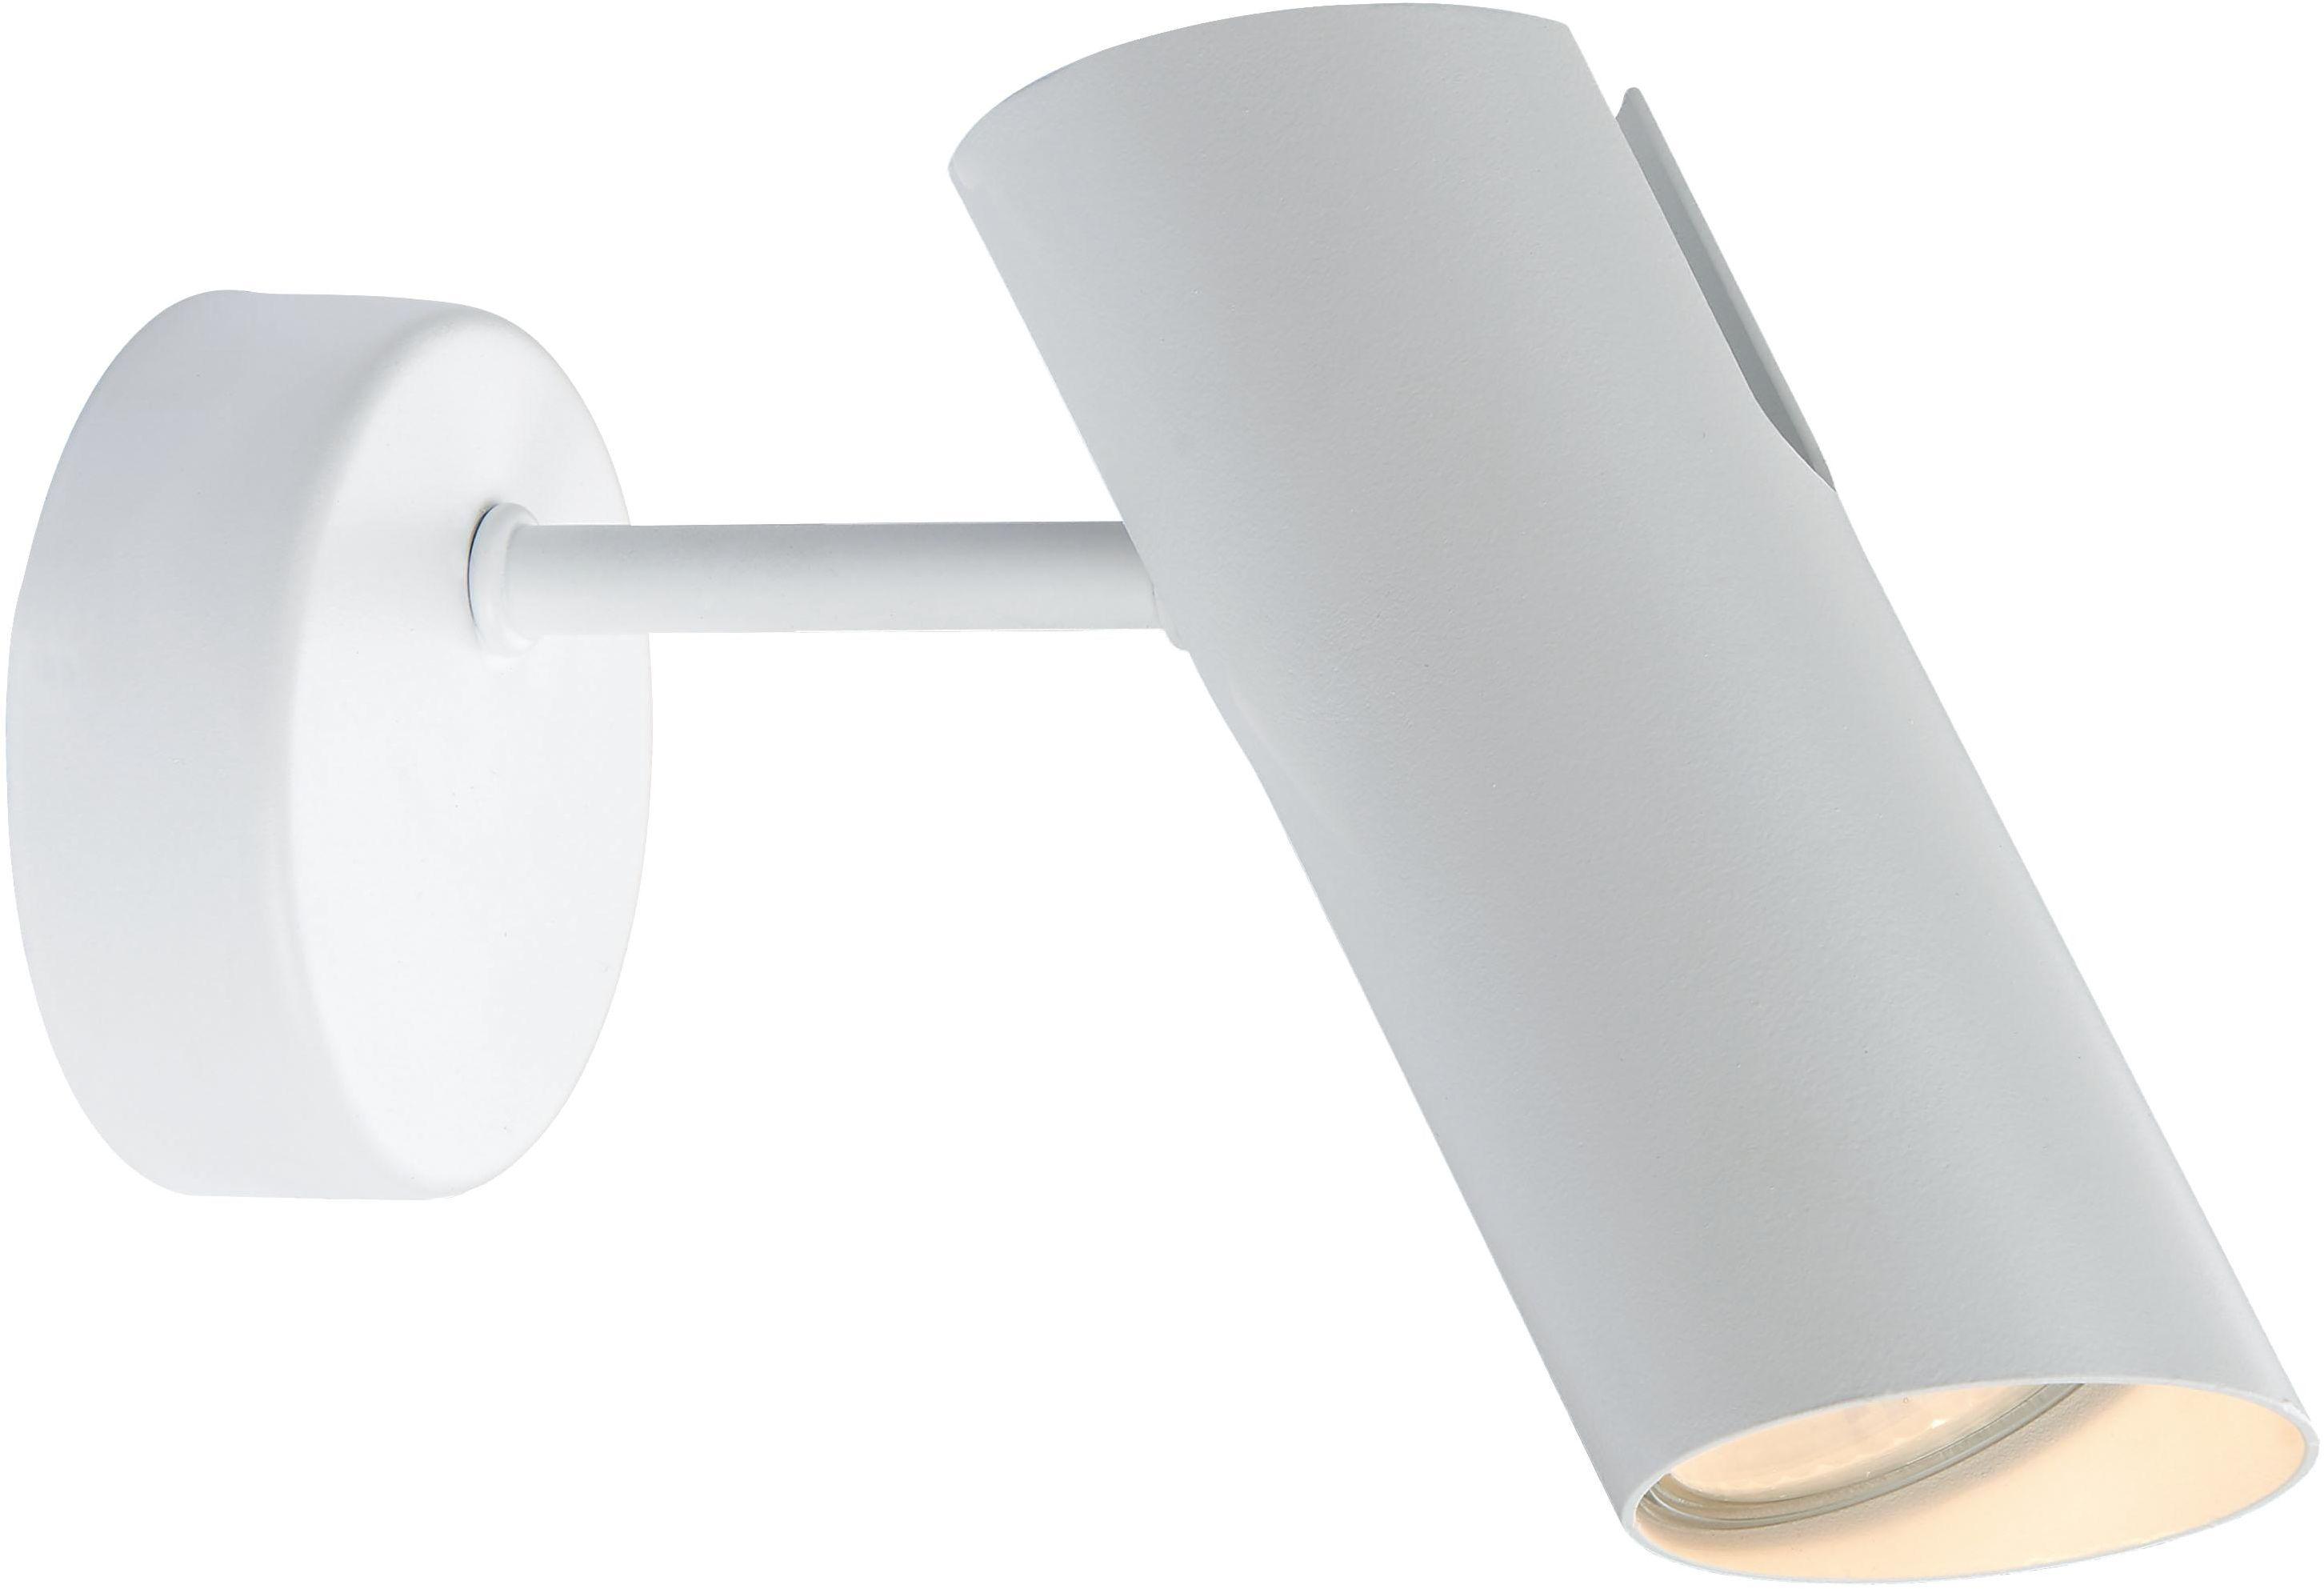 Futuro kinkiet regulowany biały LP-17001/1W WH - Light Prestige // Rabaty w koszyku i darmowa dostawa od 299zł !